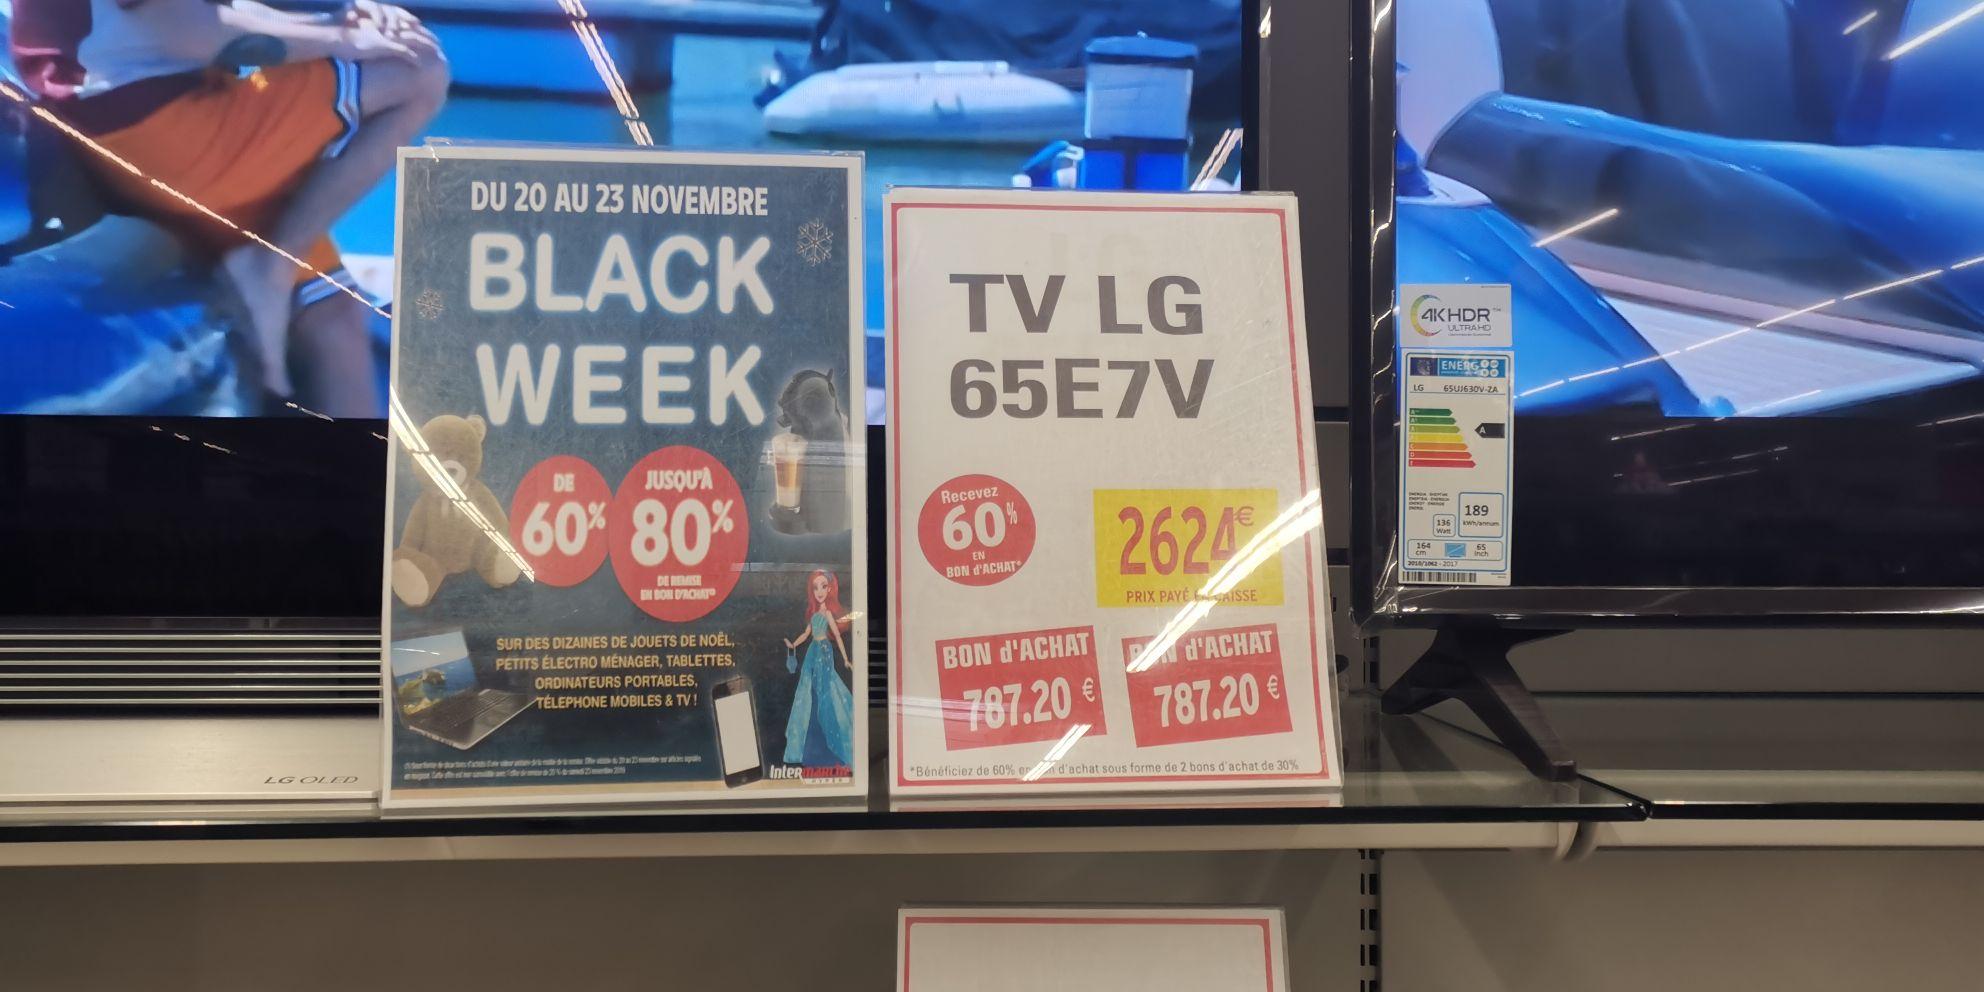 De 60 a 80% de remise en 2 bons d'achat sur les Jouets de Noel, Petit Electroménager, Tablettes, PC Portables, Téléphonie et TV (Creysse 24)